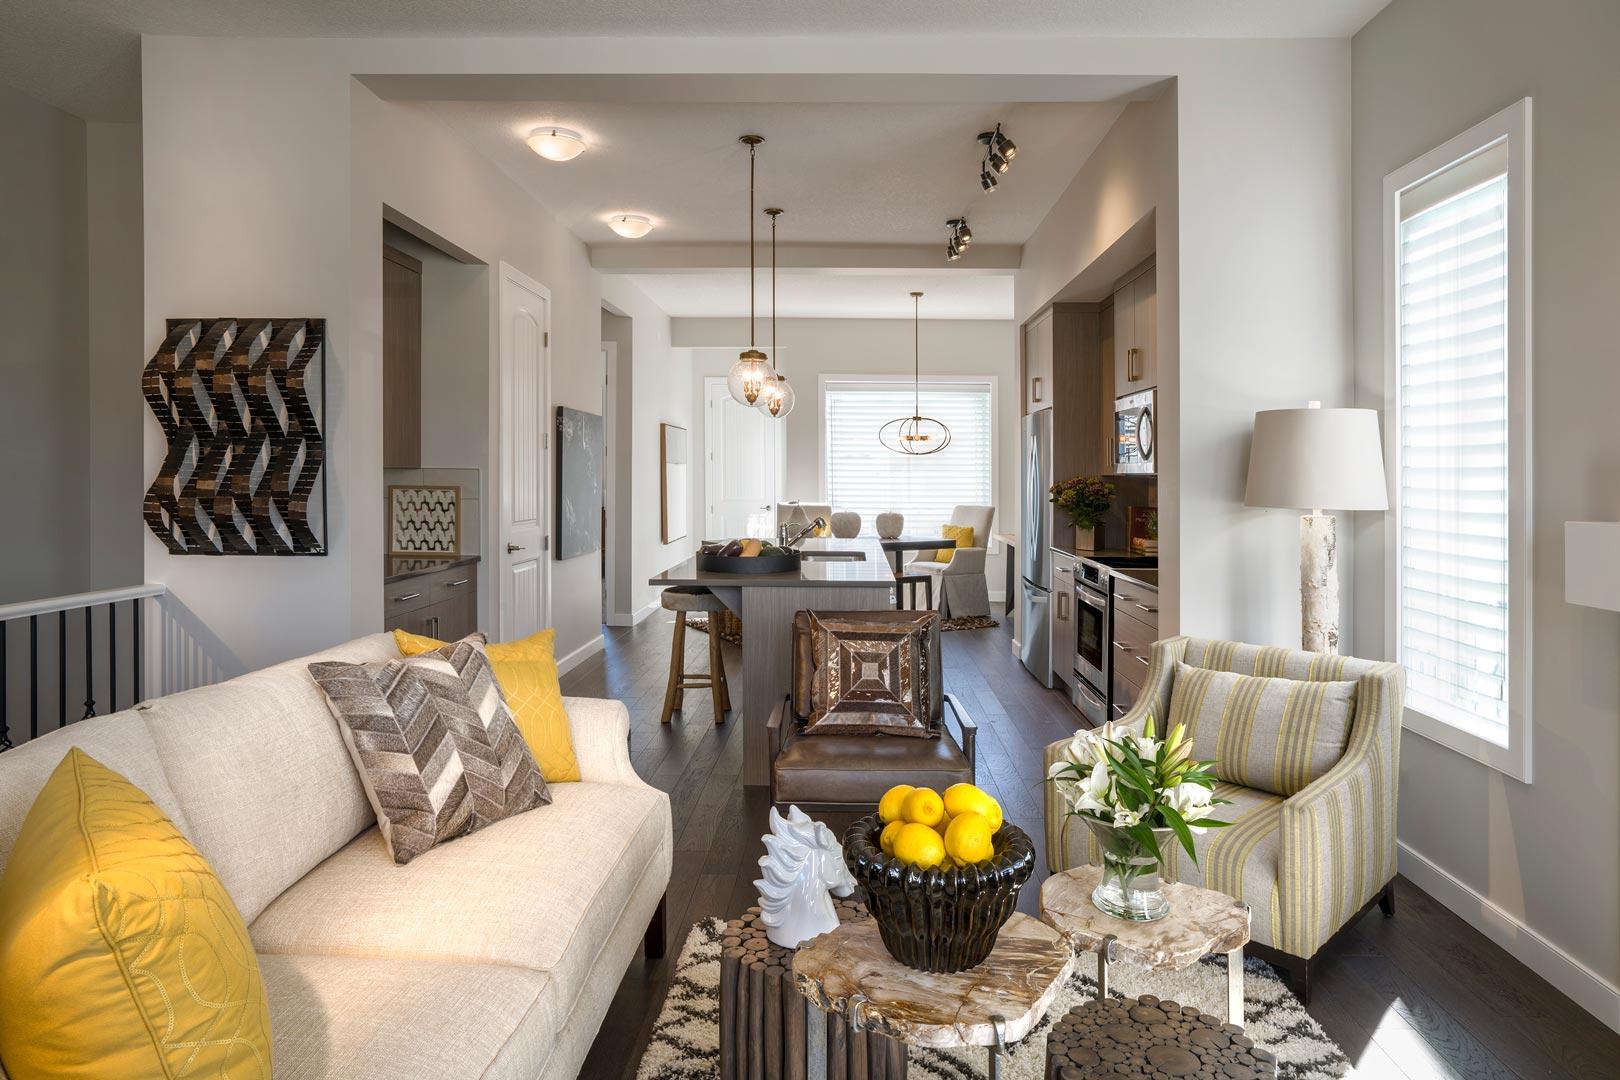 Douglas Homes Interior Image - Living Room